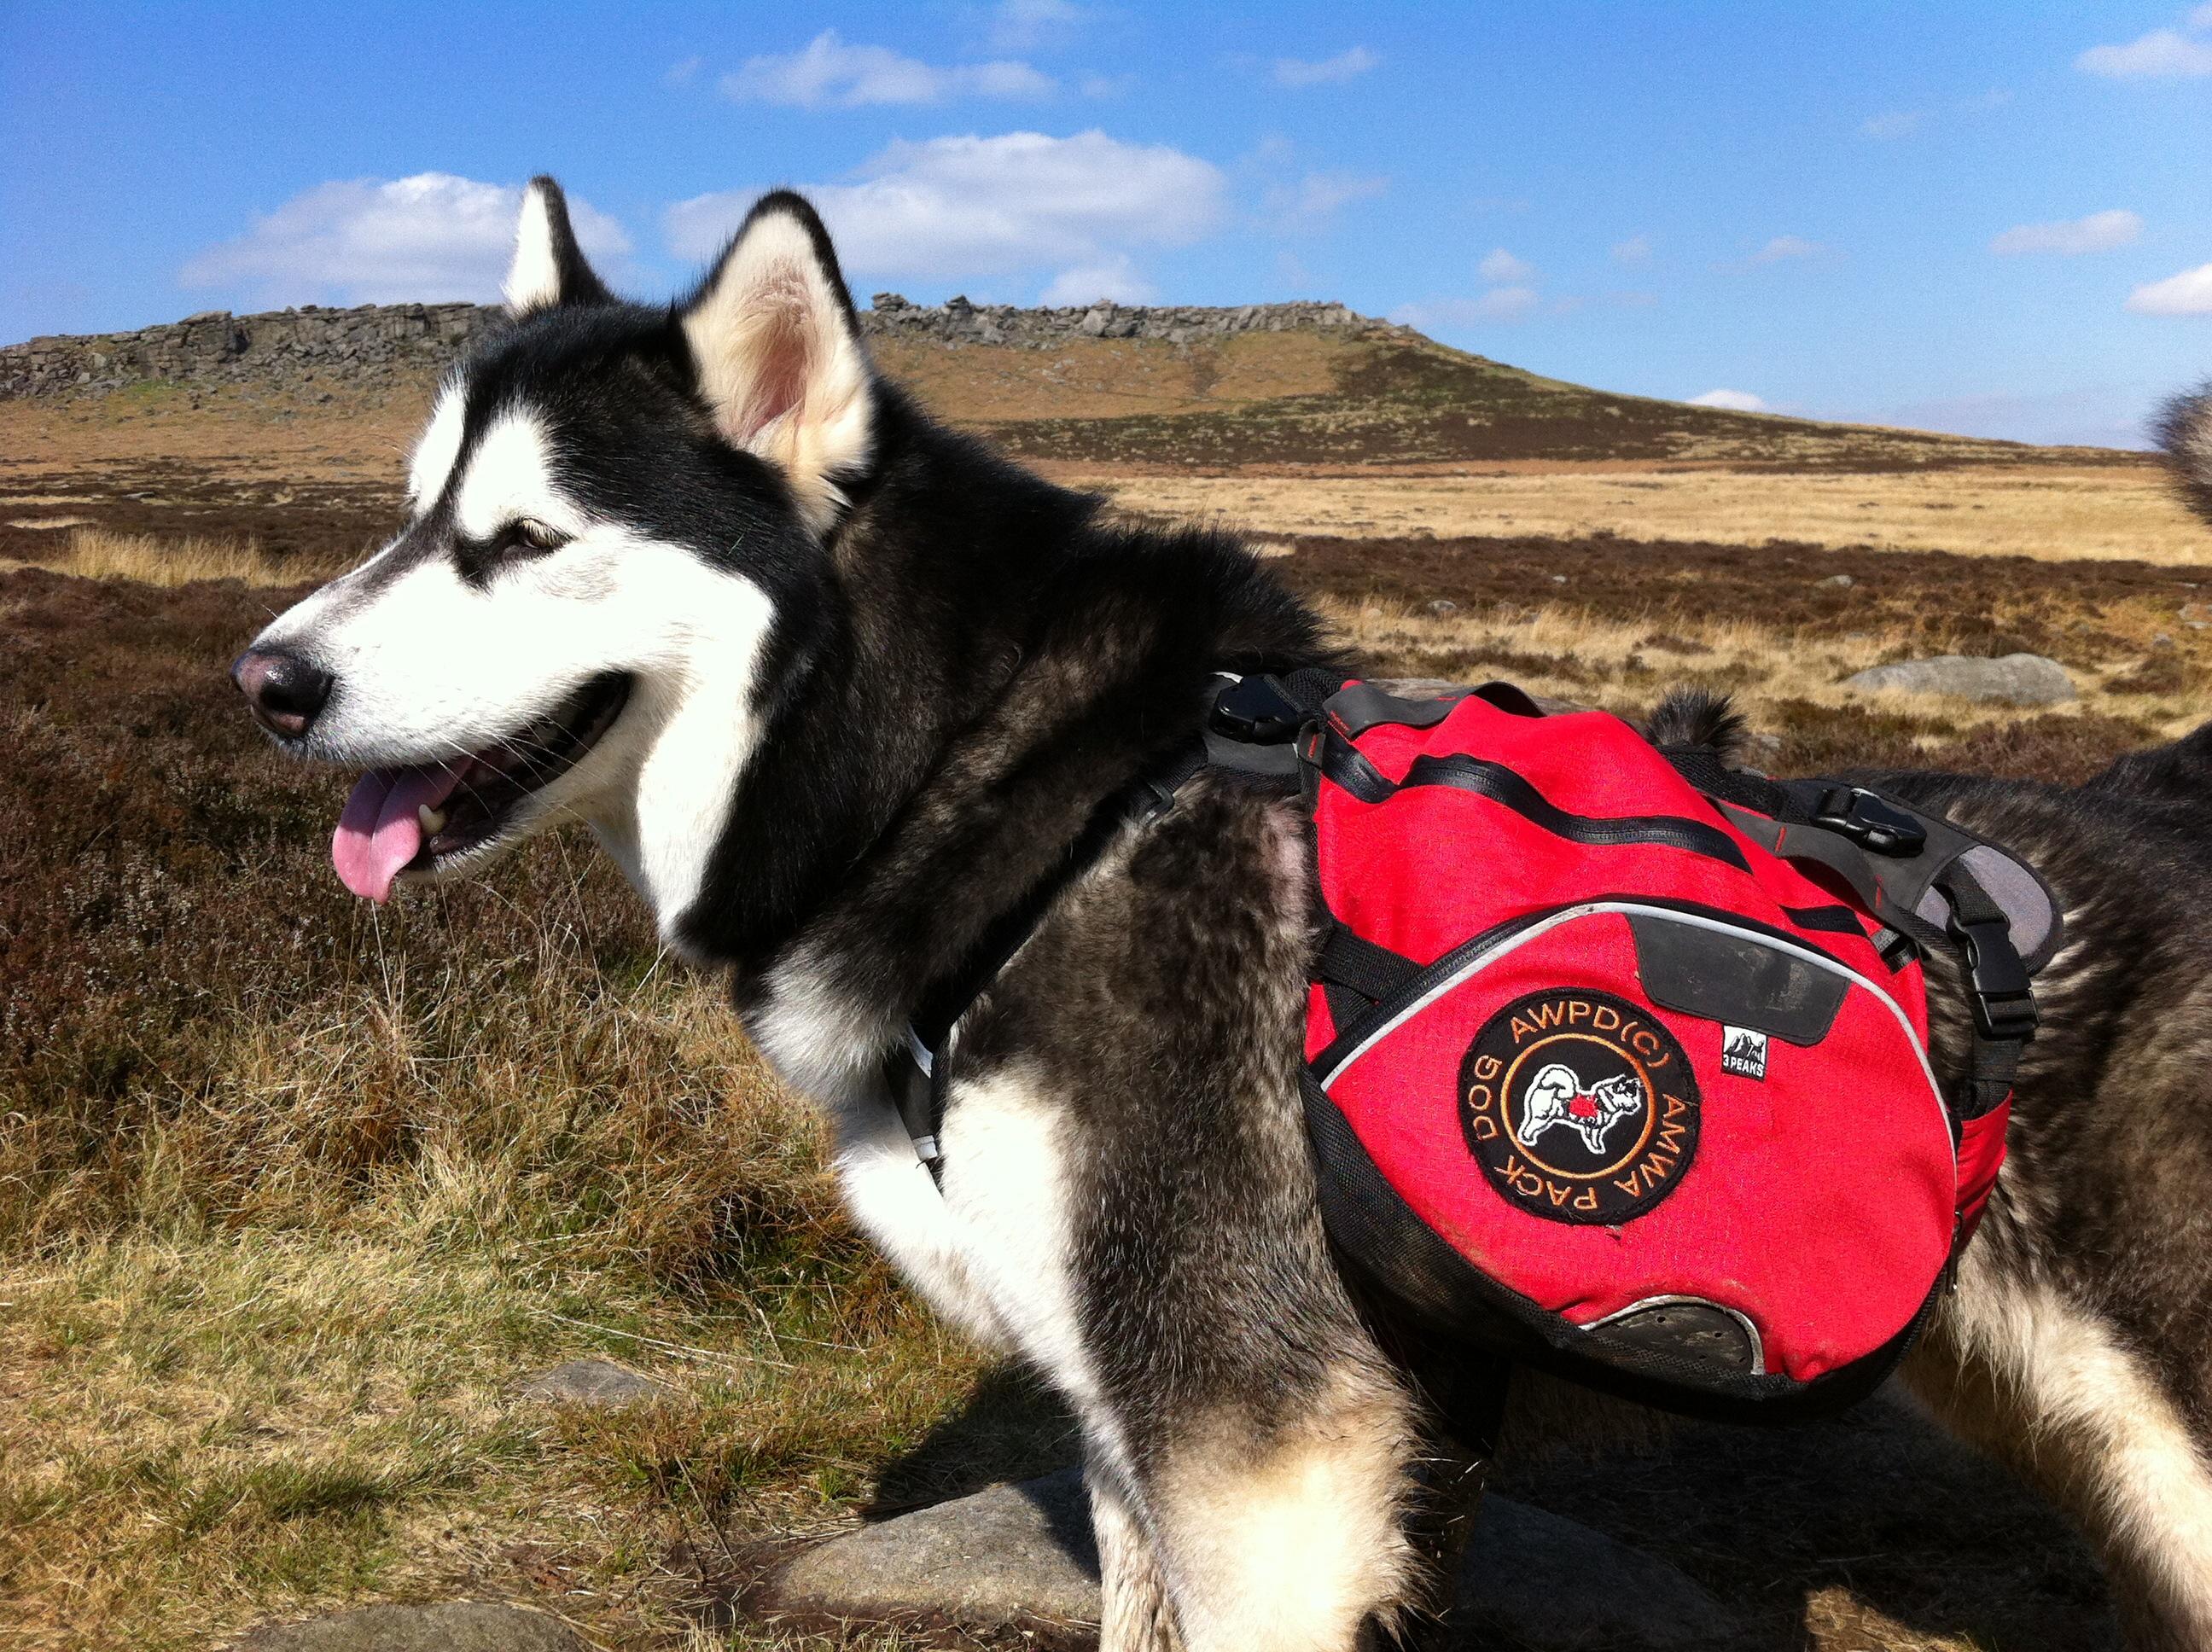 Jeger Backpacking